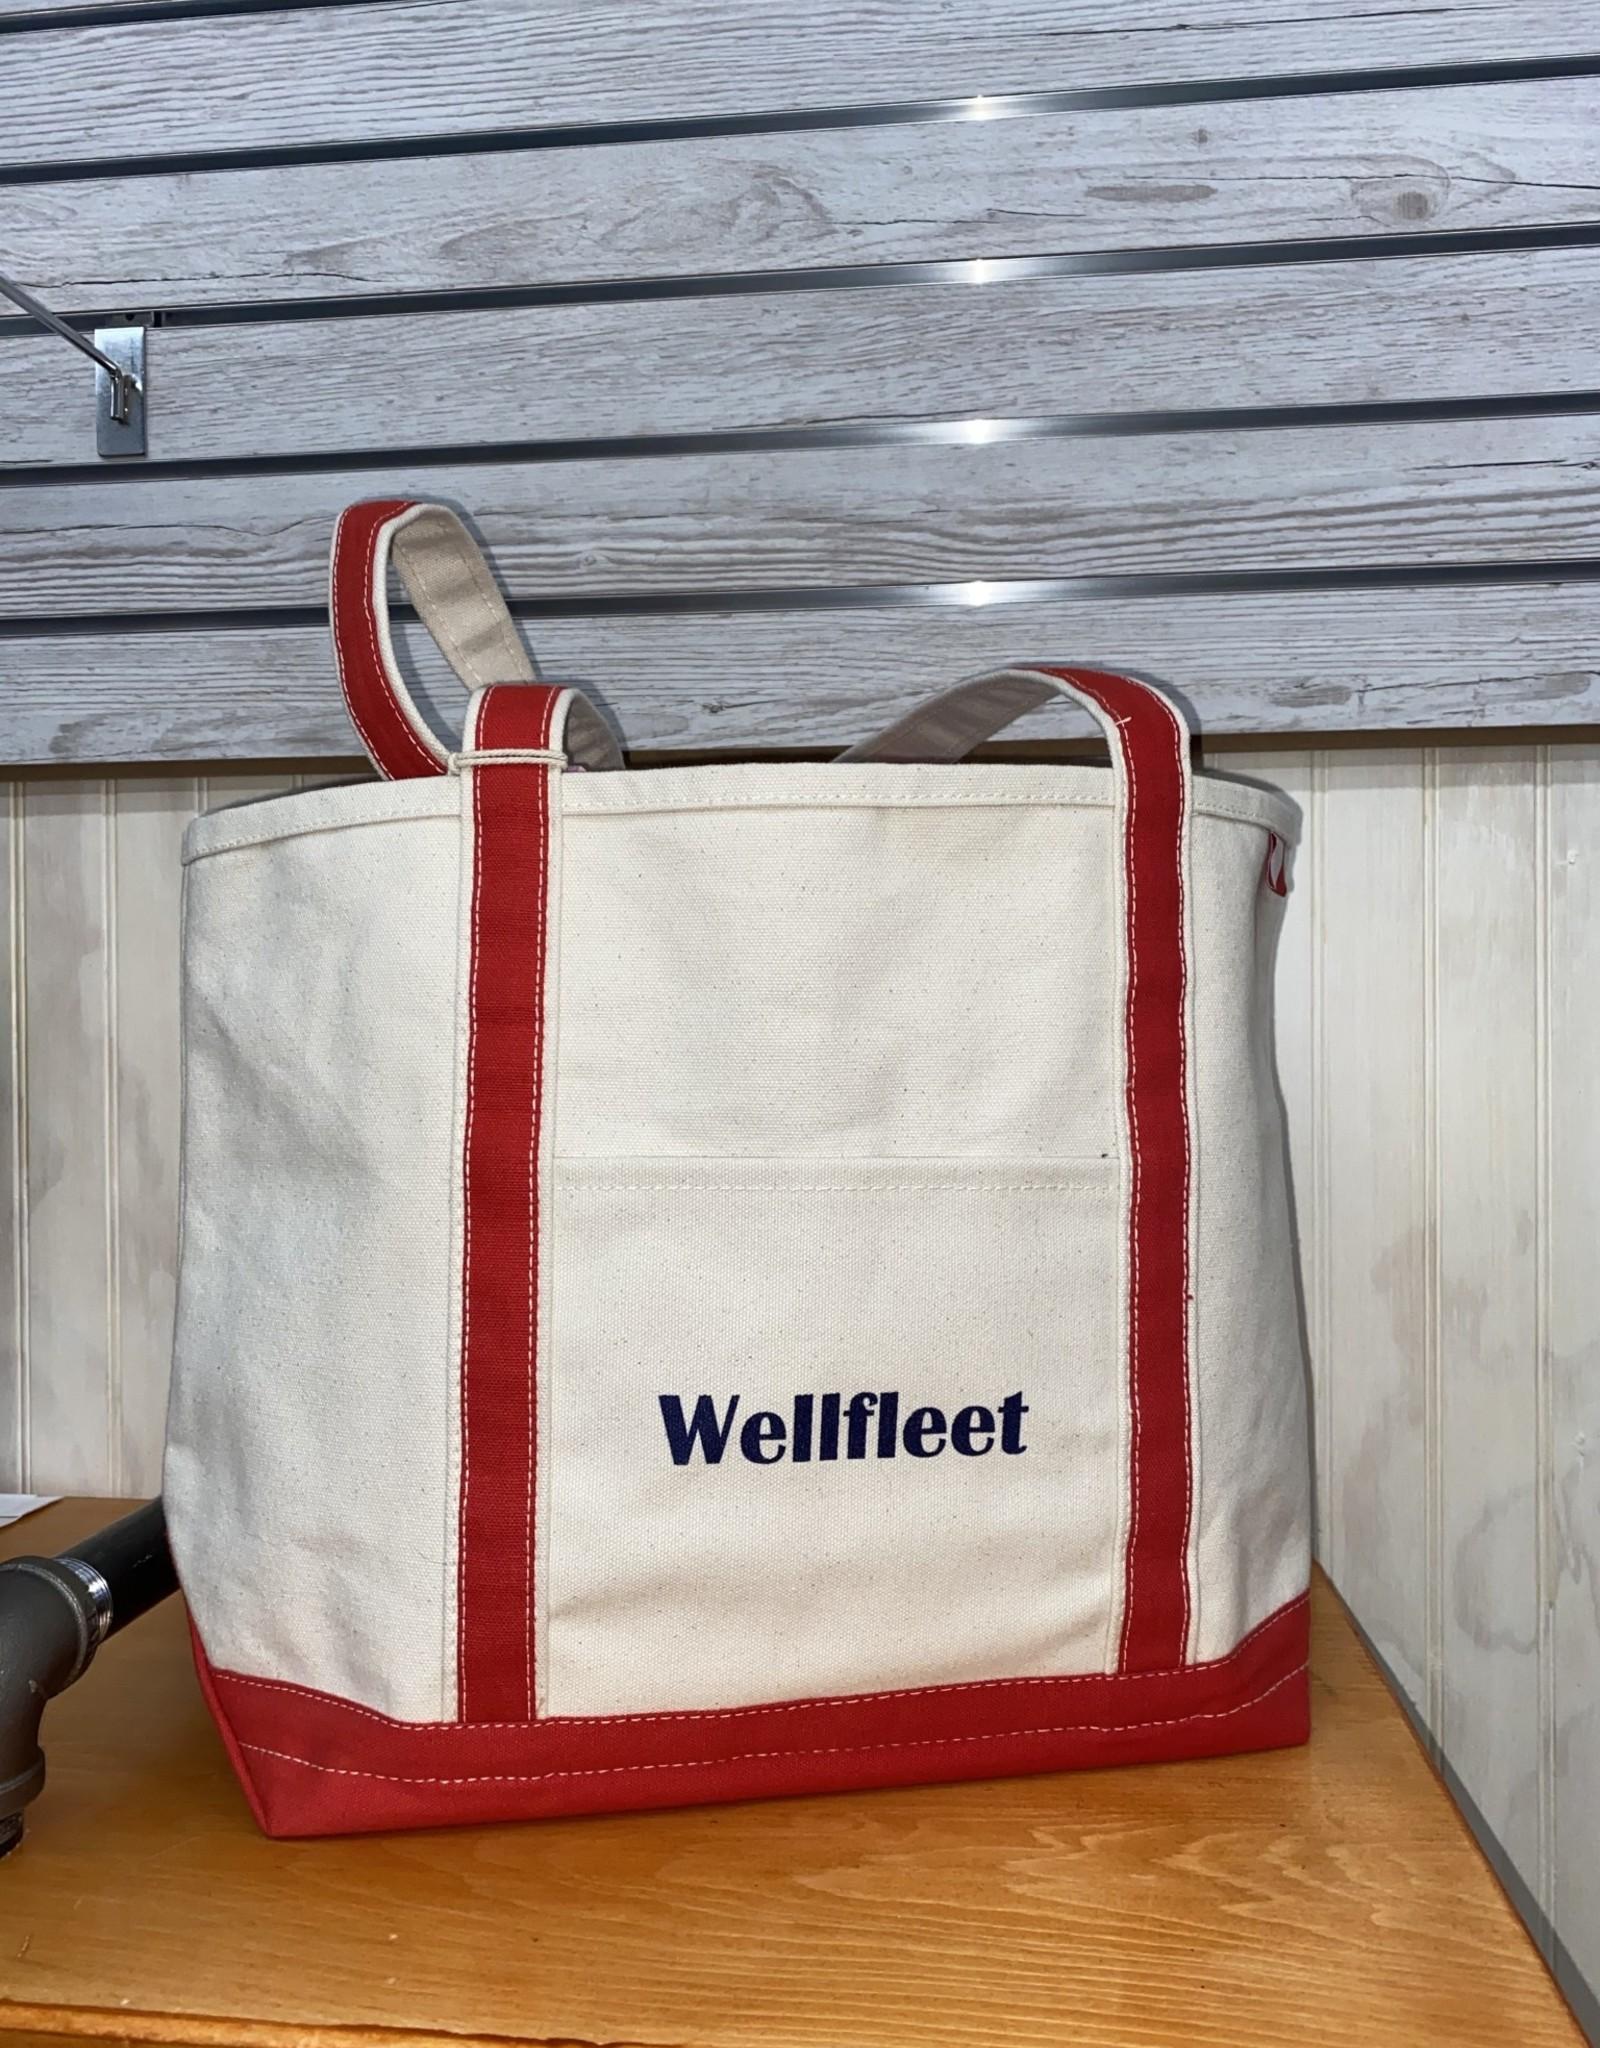 Shore Bags Wellfleet Red Beach Bag - Medium